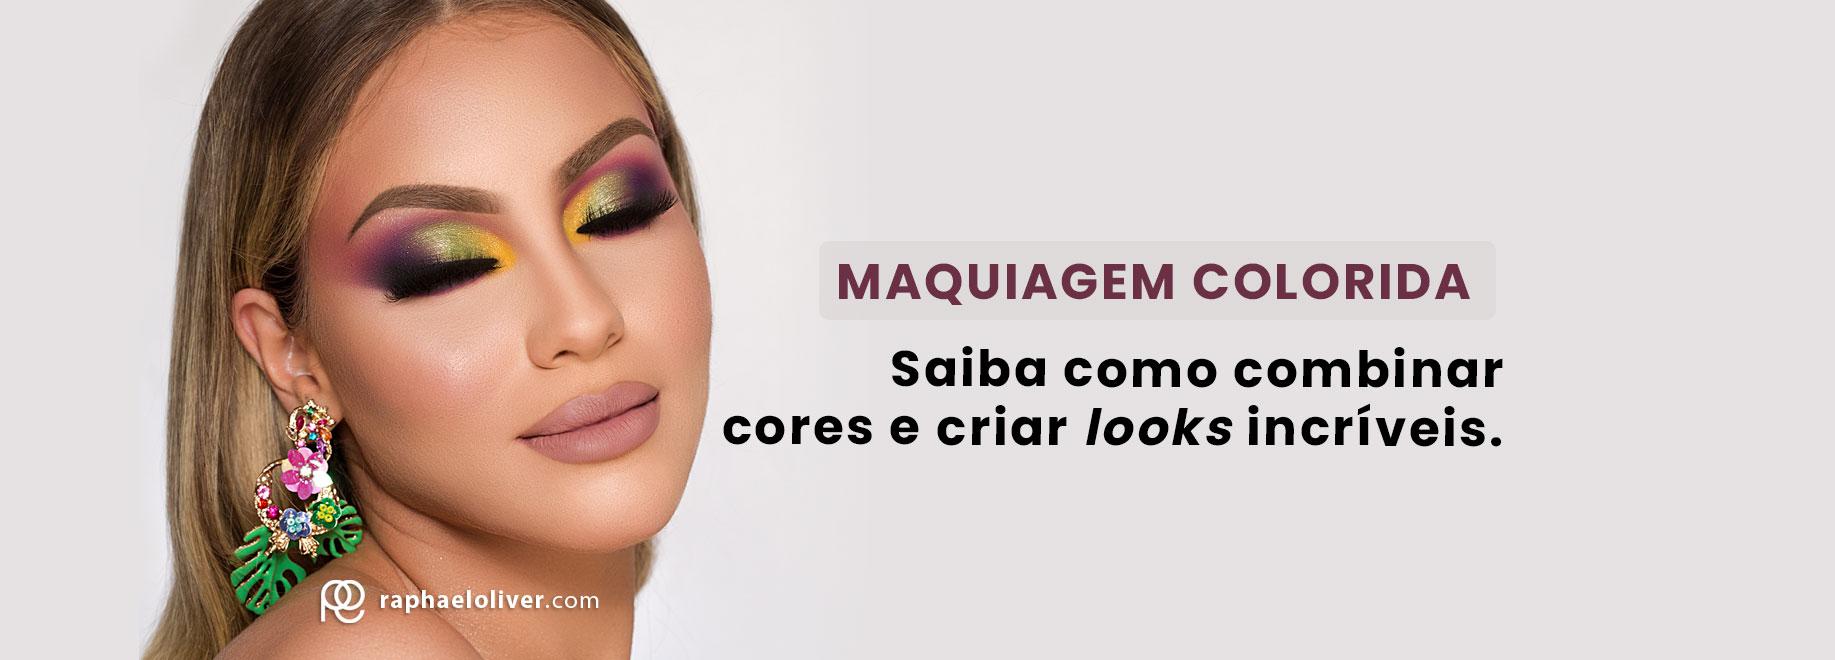 Maquiagem Colorida: Saiba Como Combinar Cores e Criar Looks Incríveis.